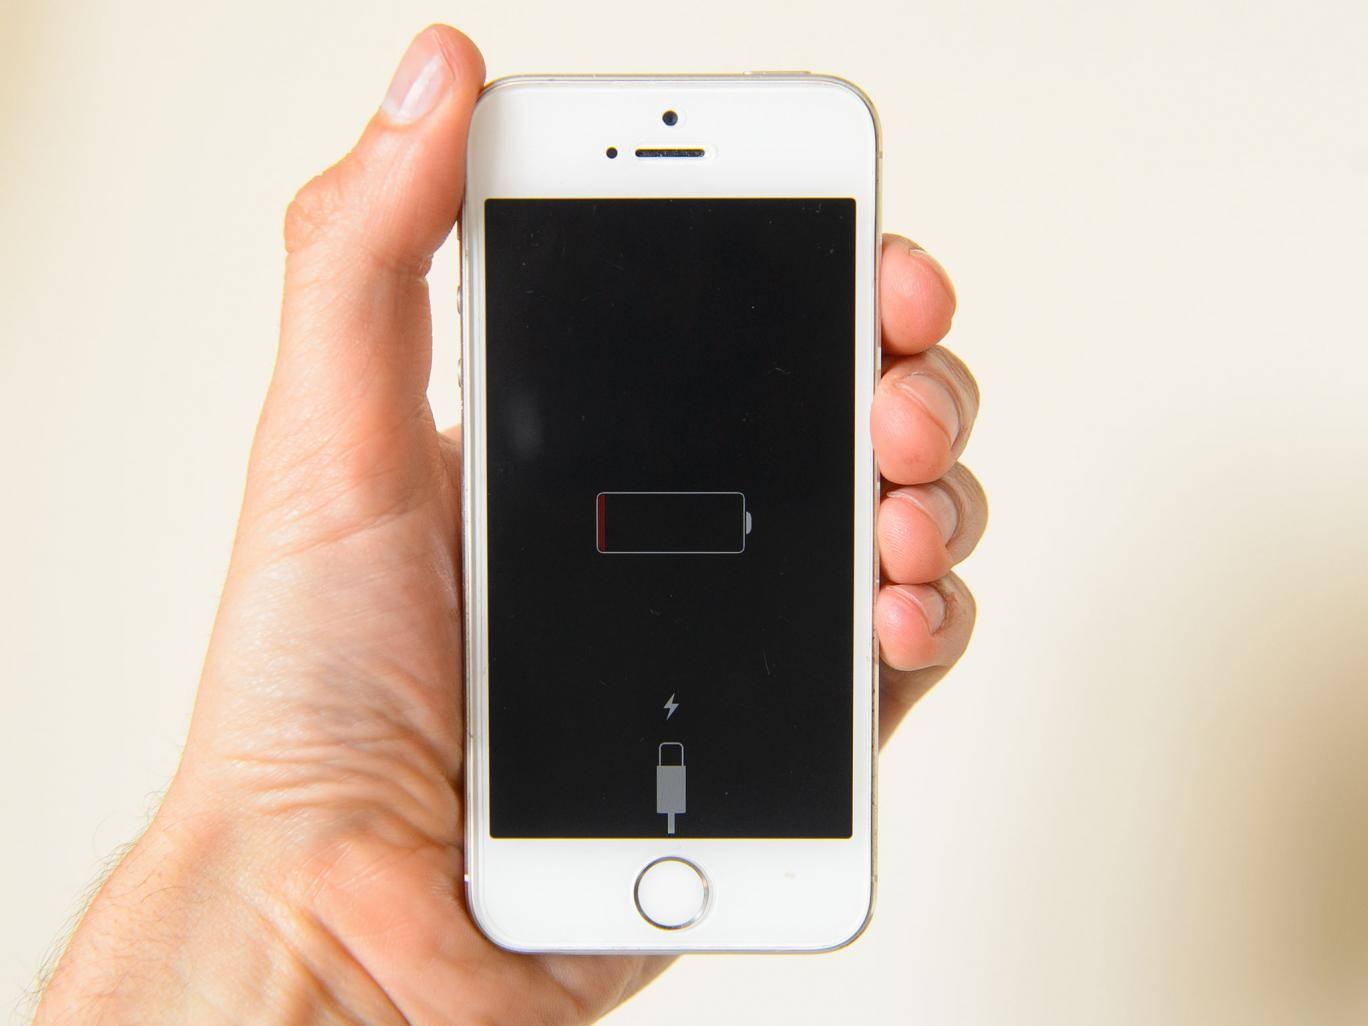 实用!外媒推荐10个让iPhone省电的小窍门